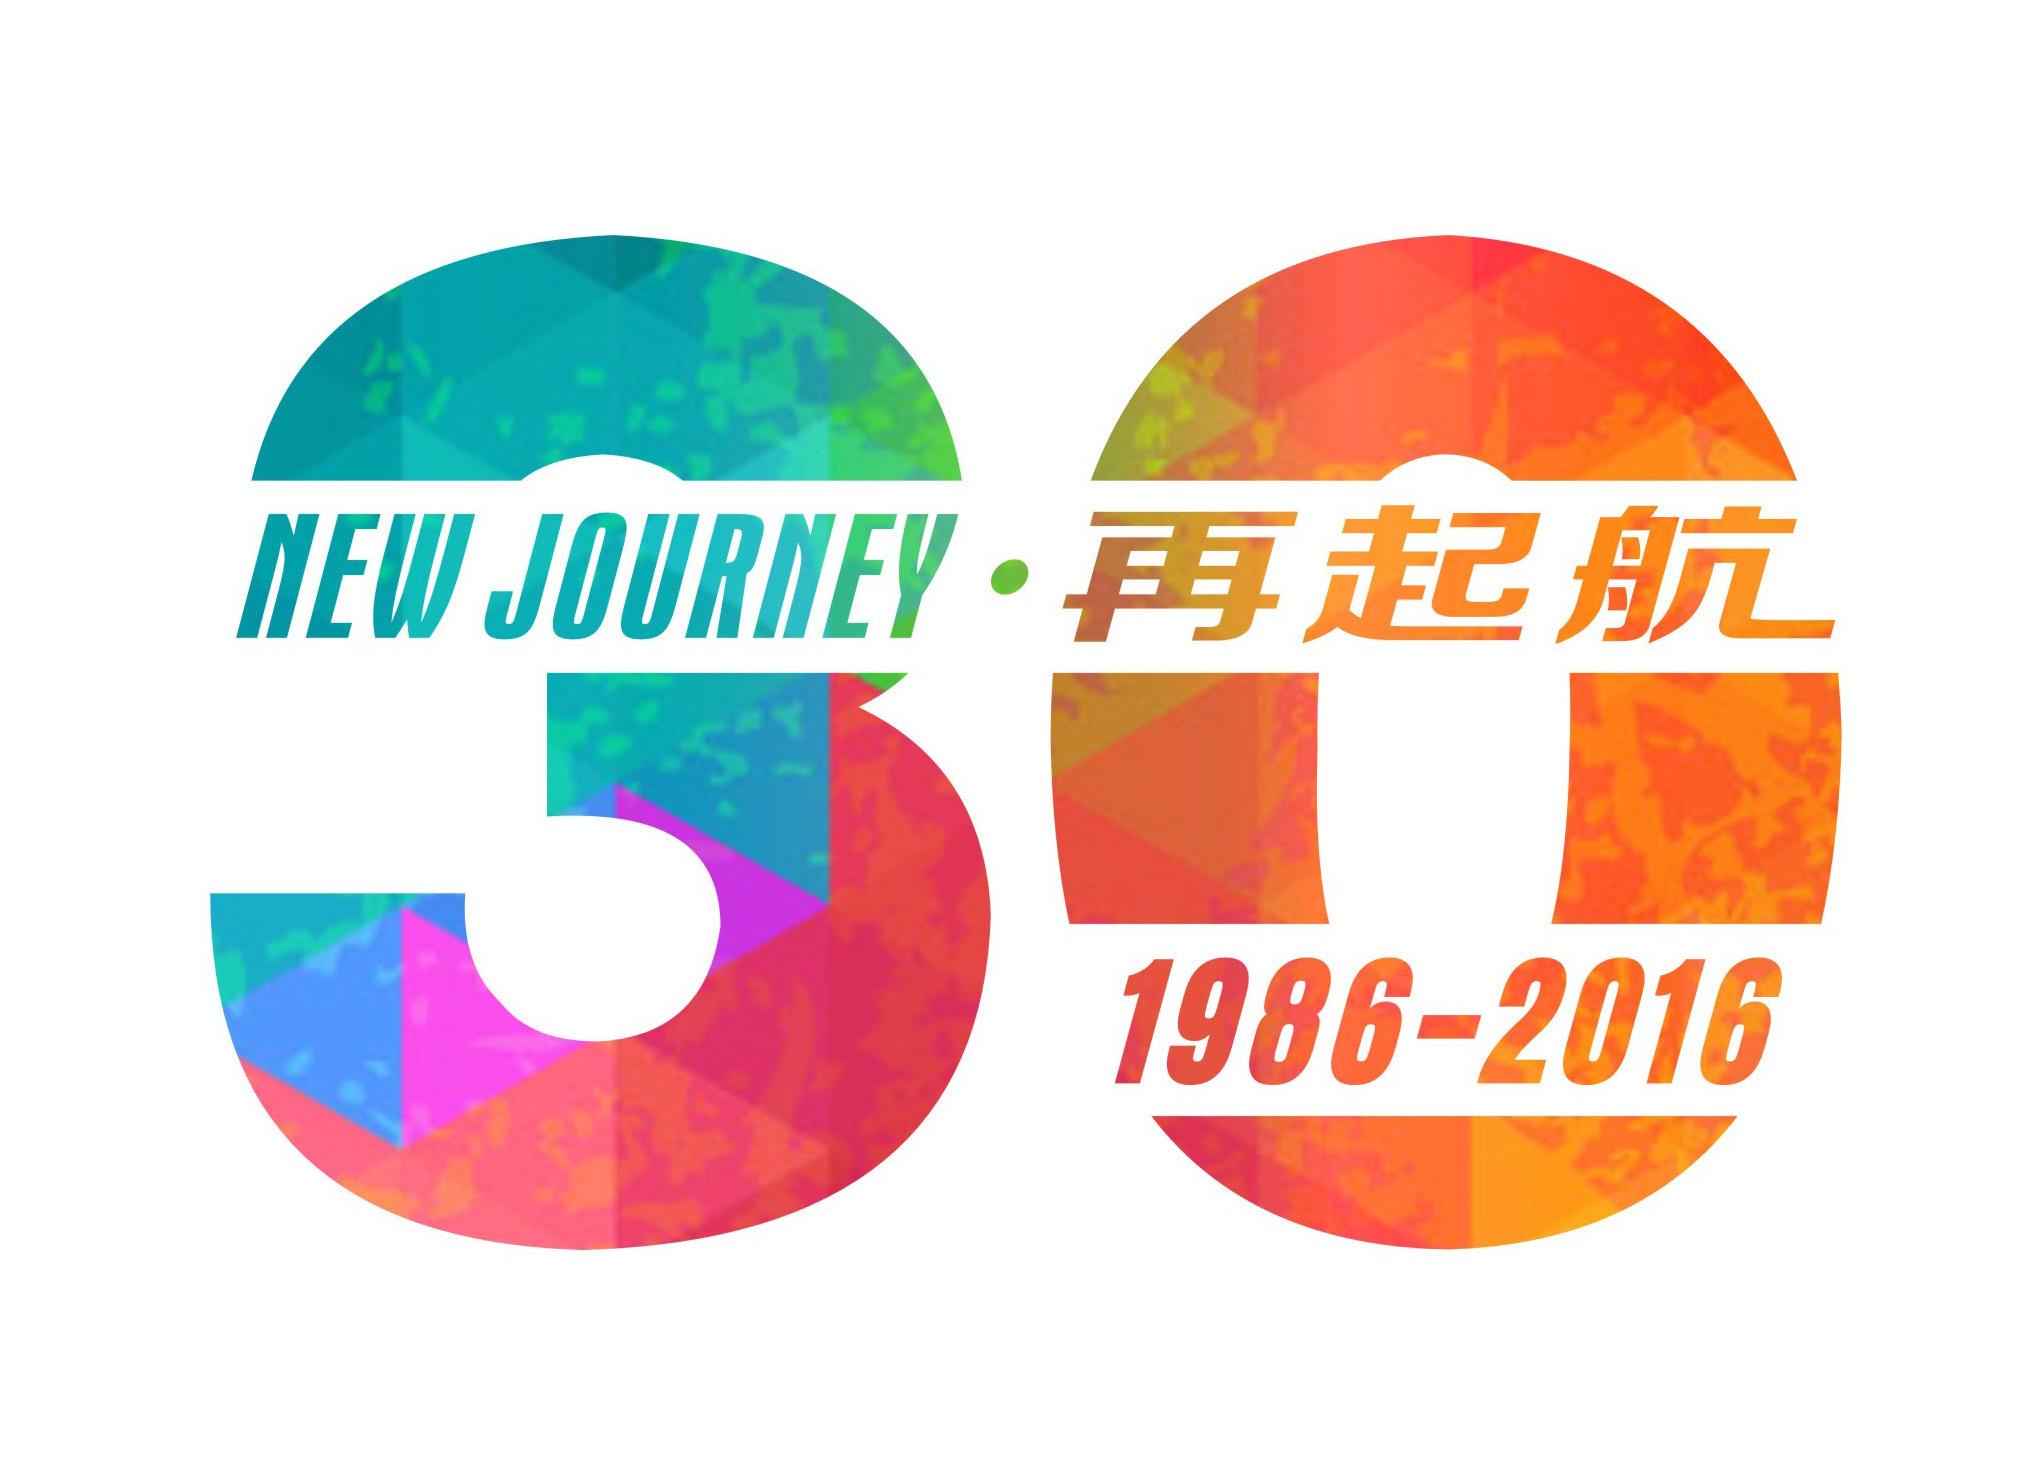 安琪纪念创业30周年系列活动全面启动